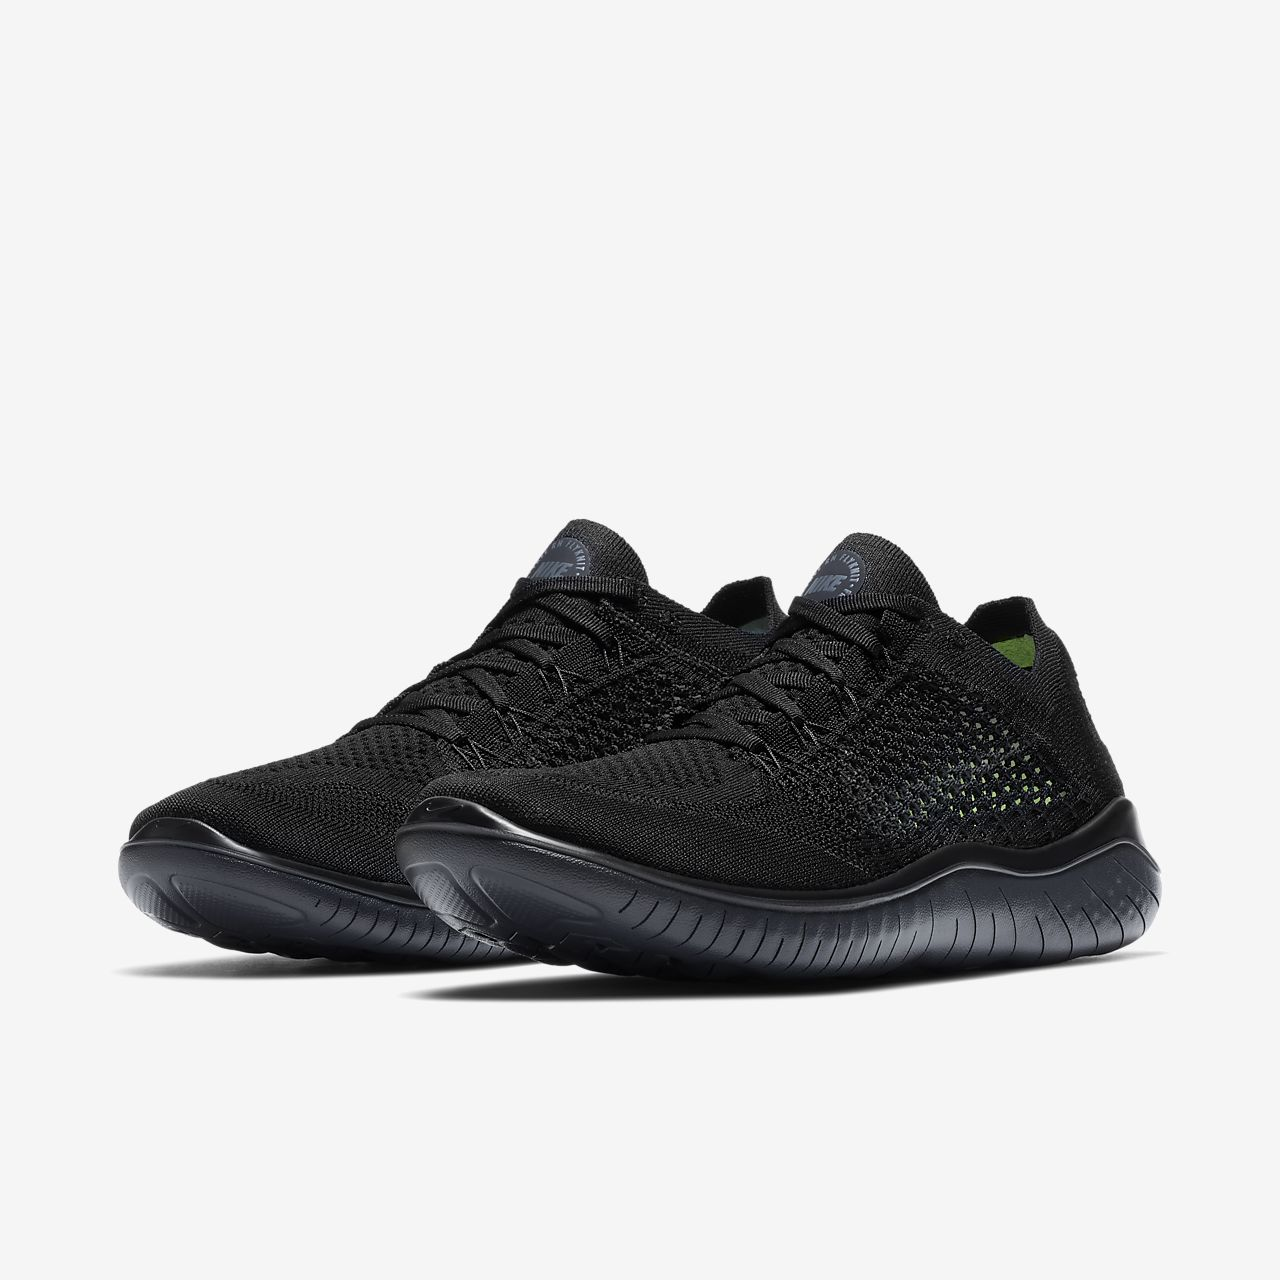 Nike Free RN 2017 Uomo Leggero Scarpe da corsa nero/Antracite